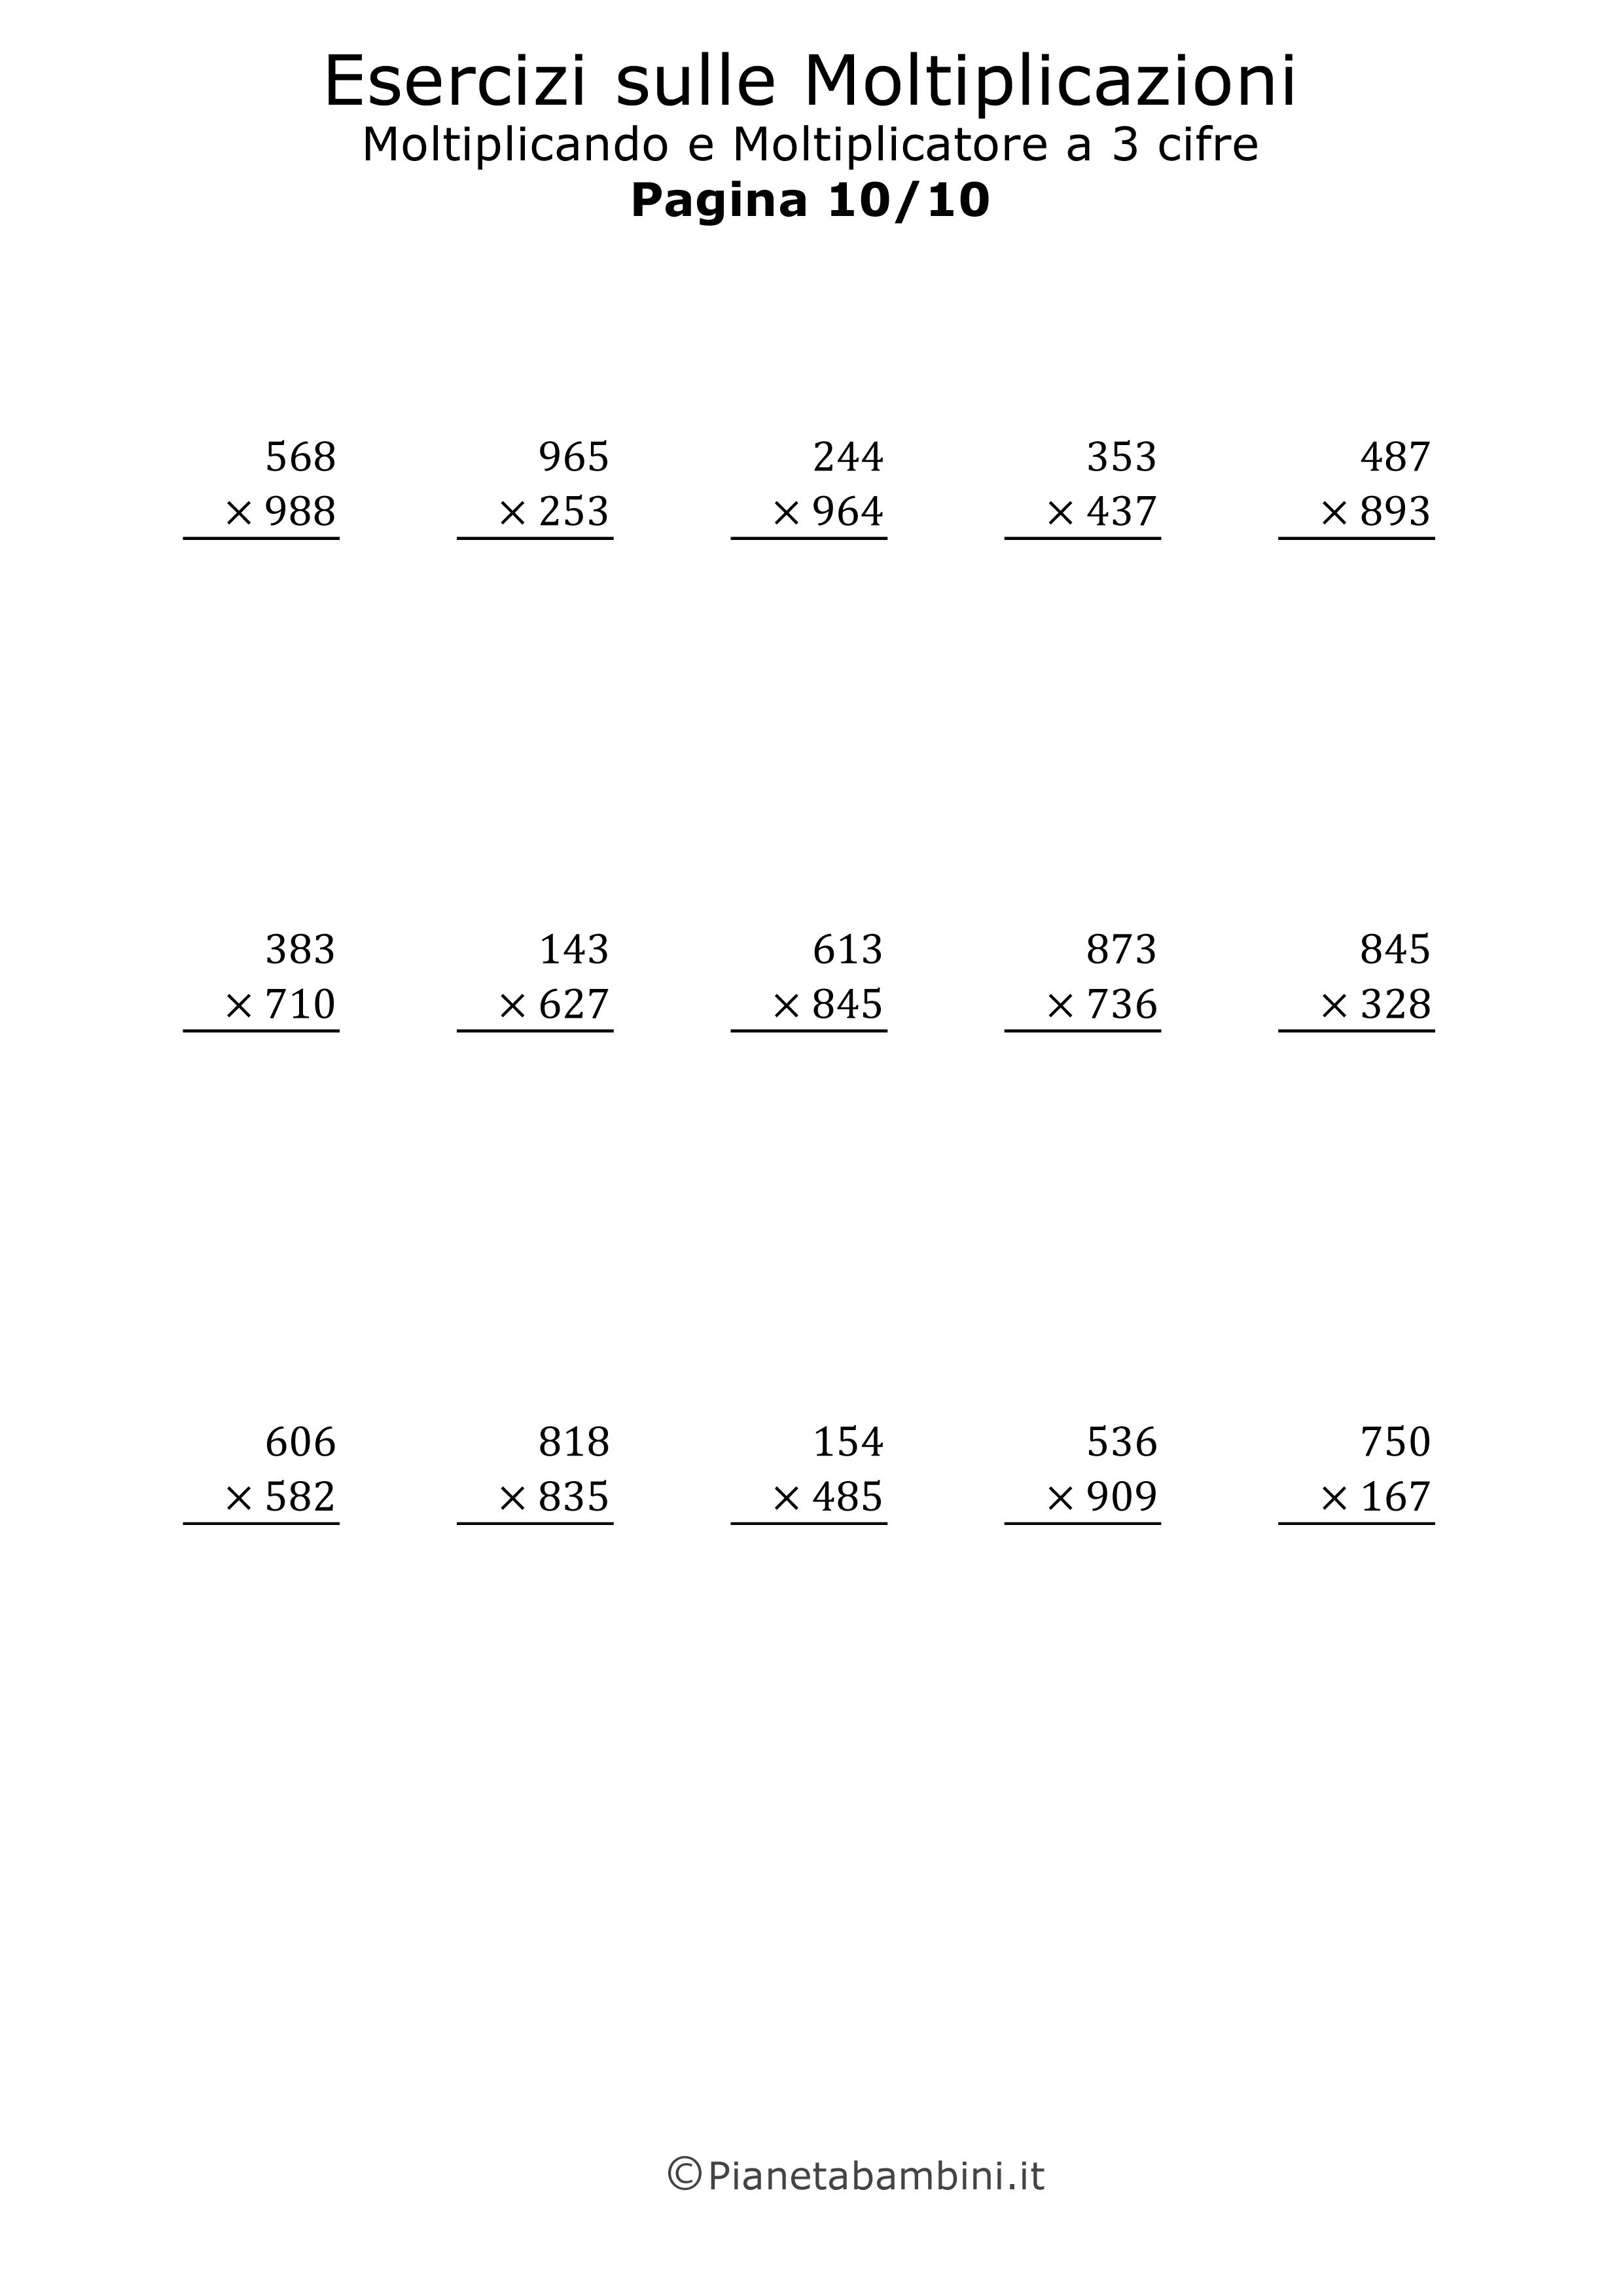 Esercizi-Moltiplicazioni-3-Cifre_10